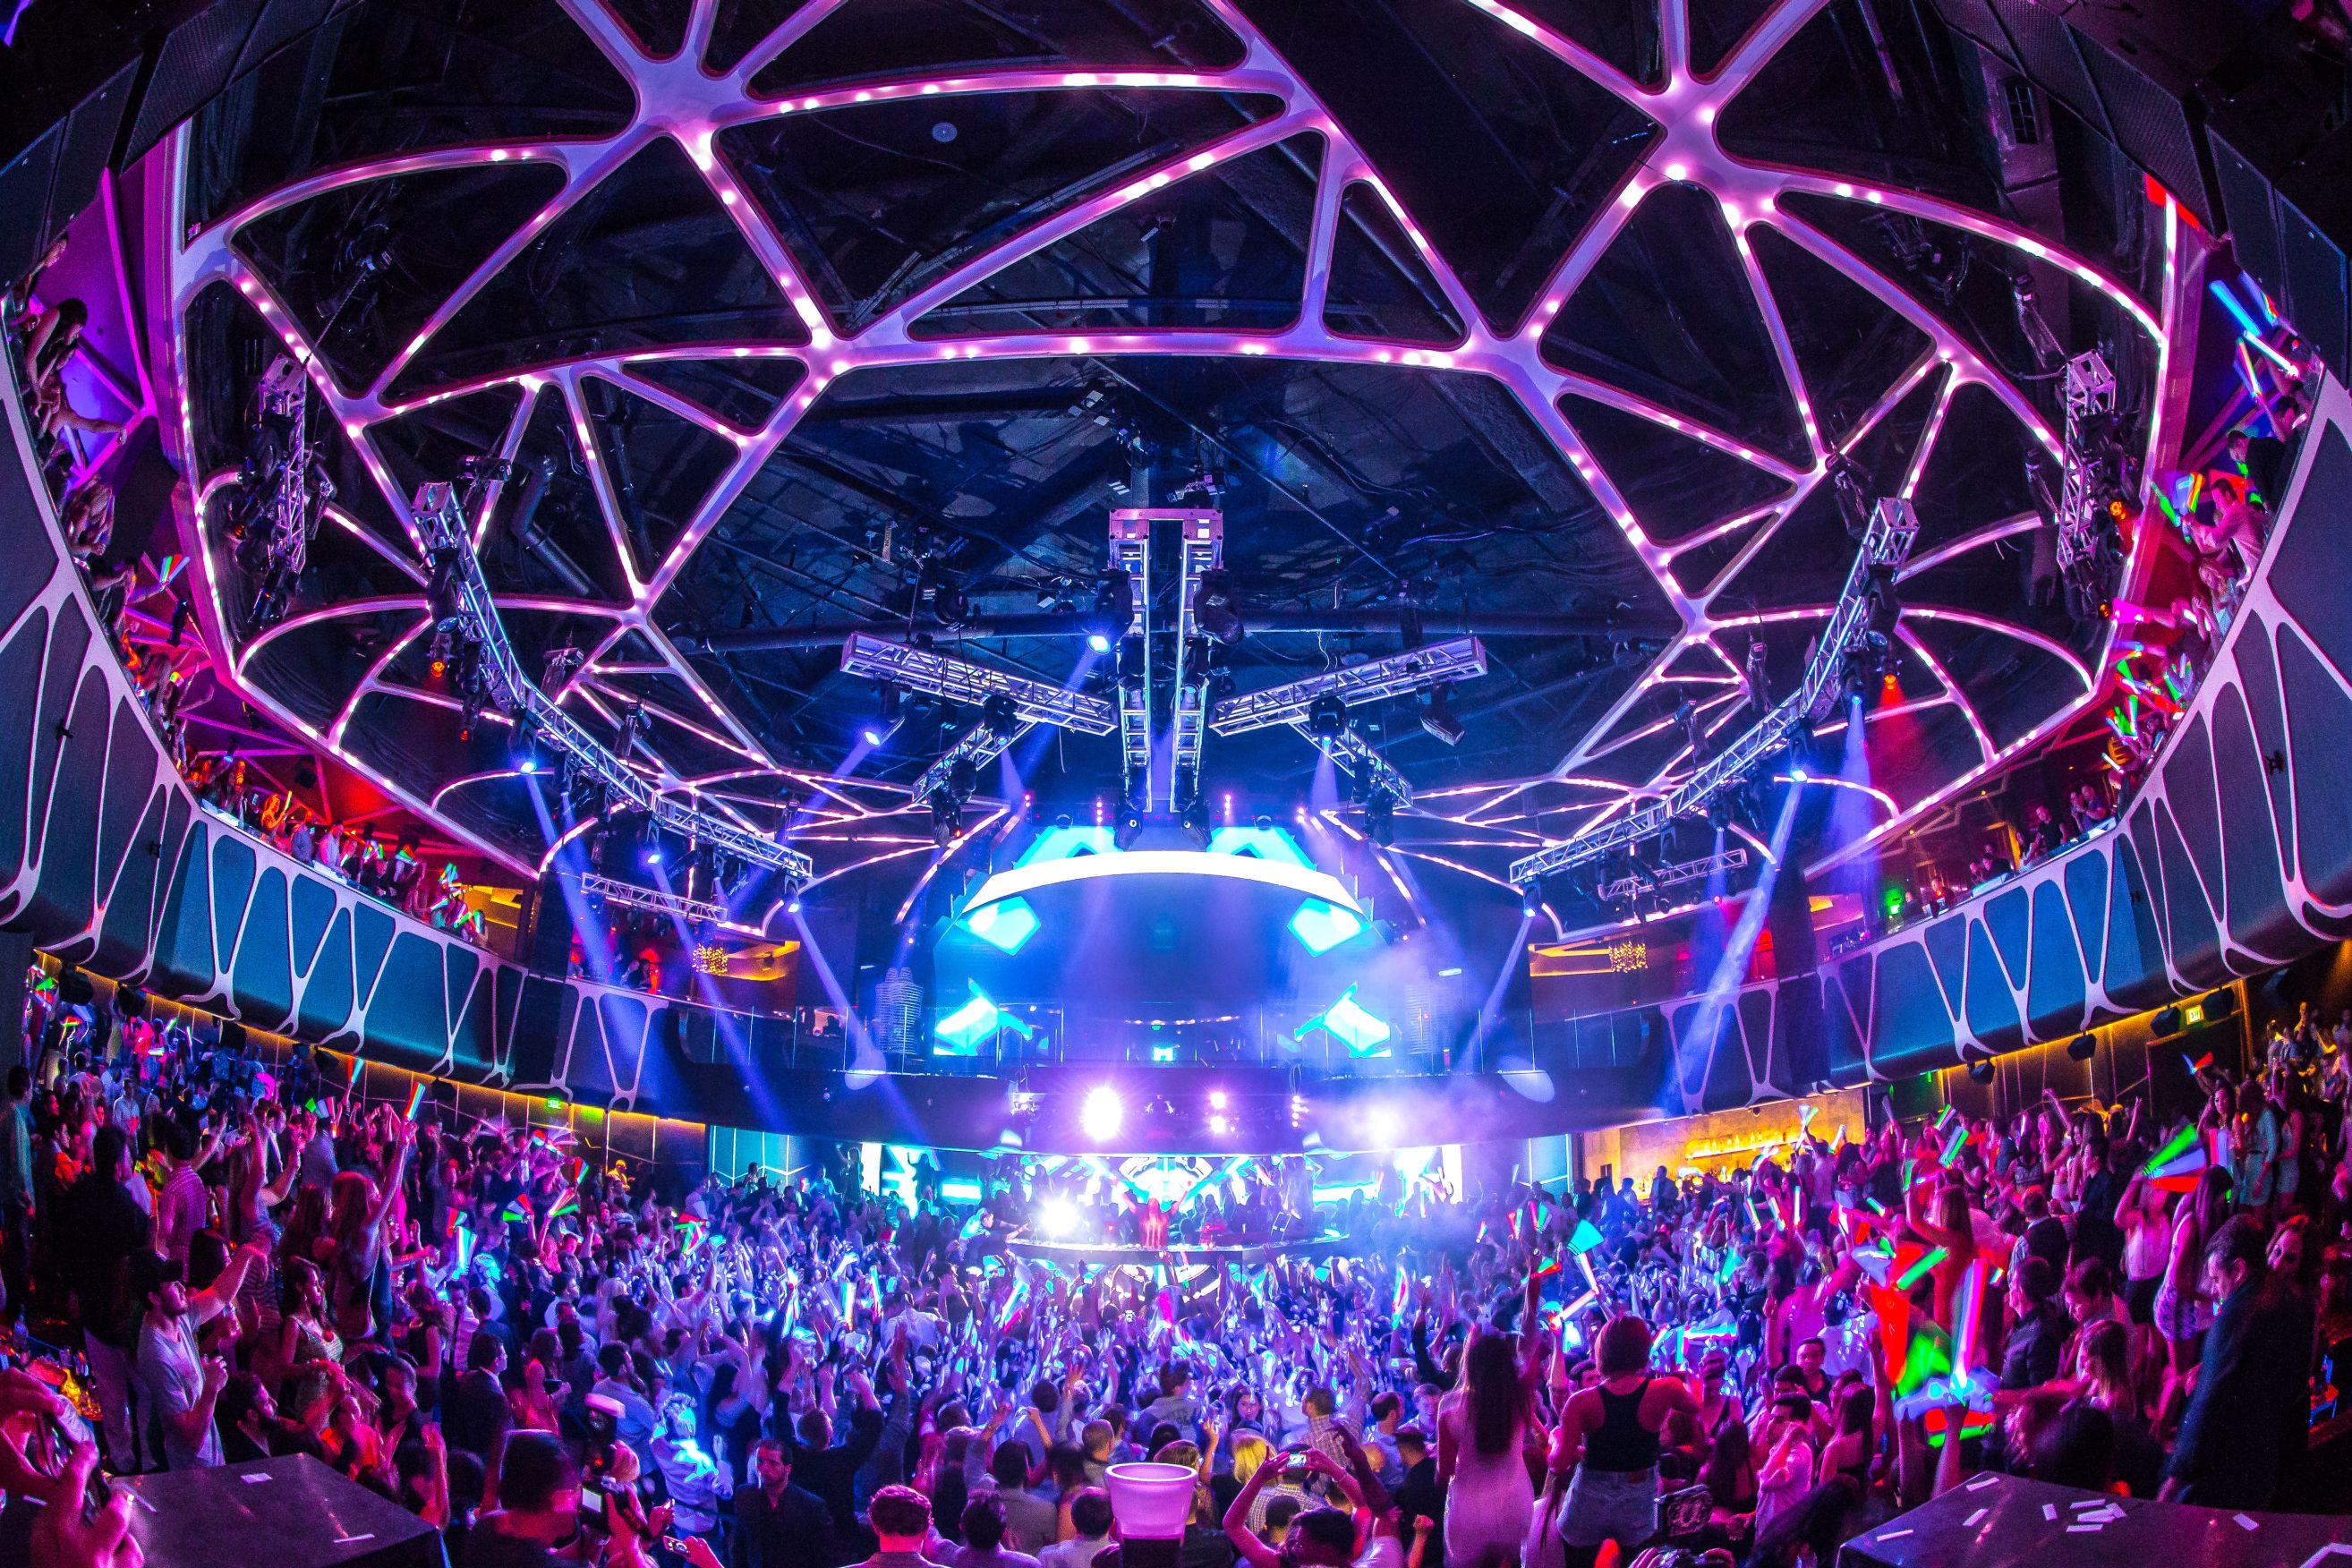 Hakkasan-Las-Vegas_Crowd_Rukes_2